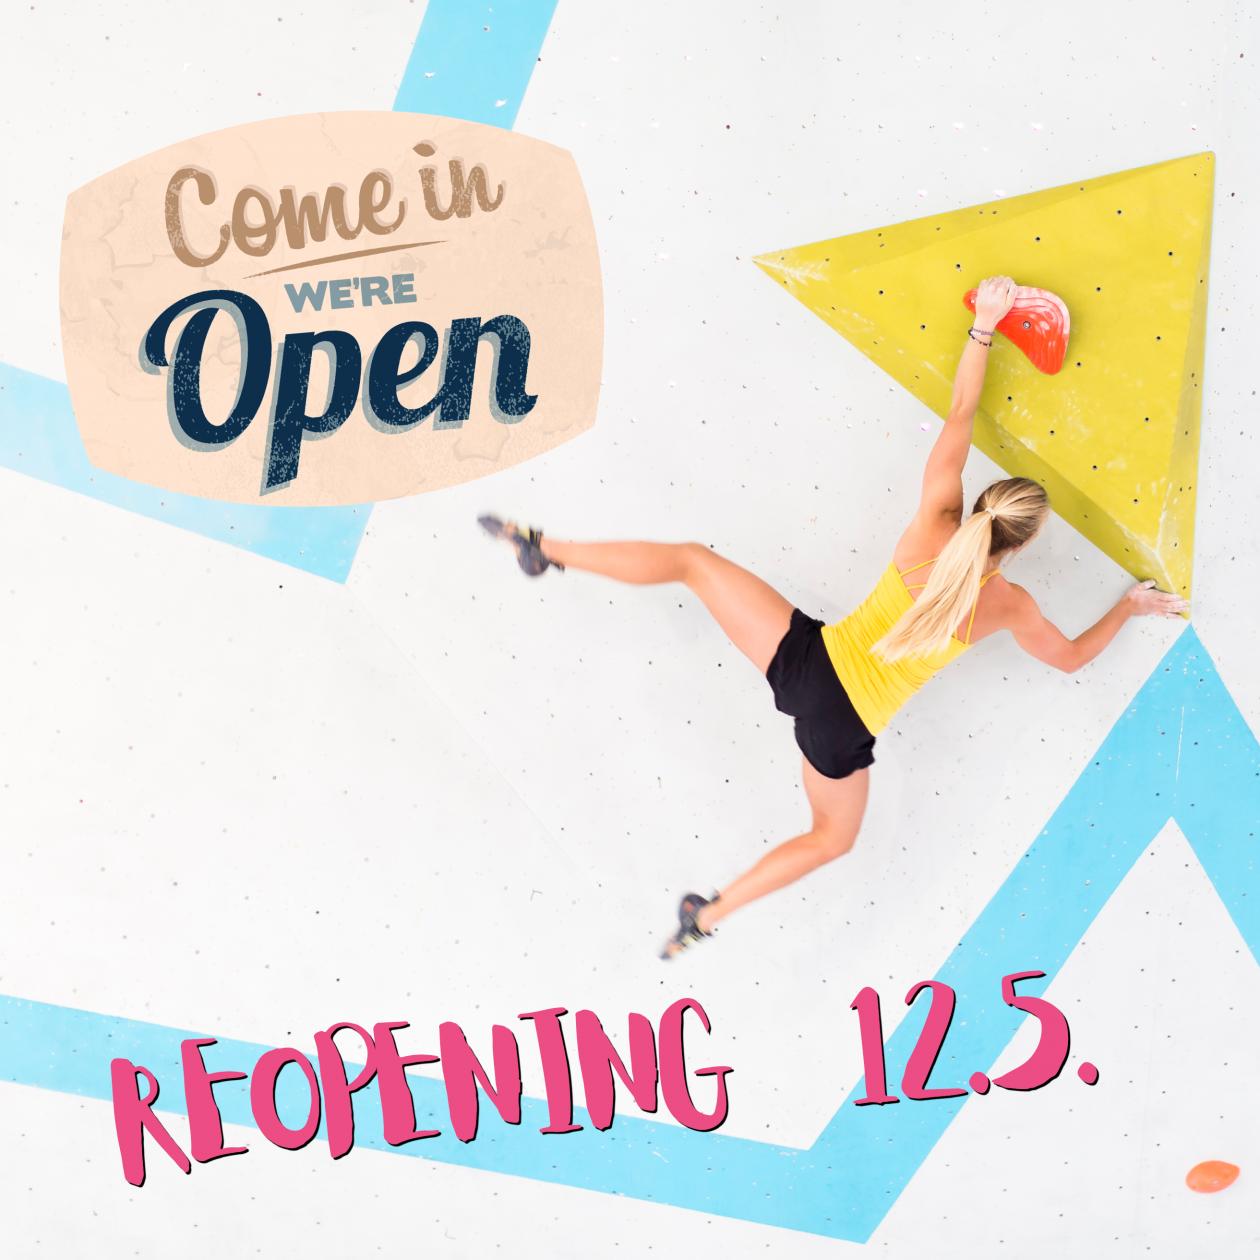 Reopening Boulderwelt München West 12.5.21 nach Lockdown